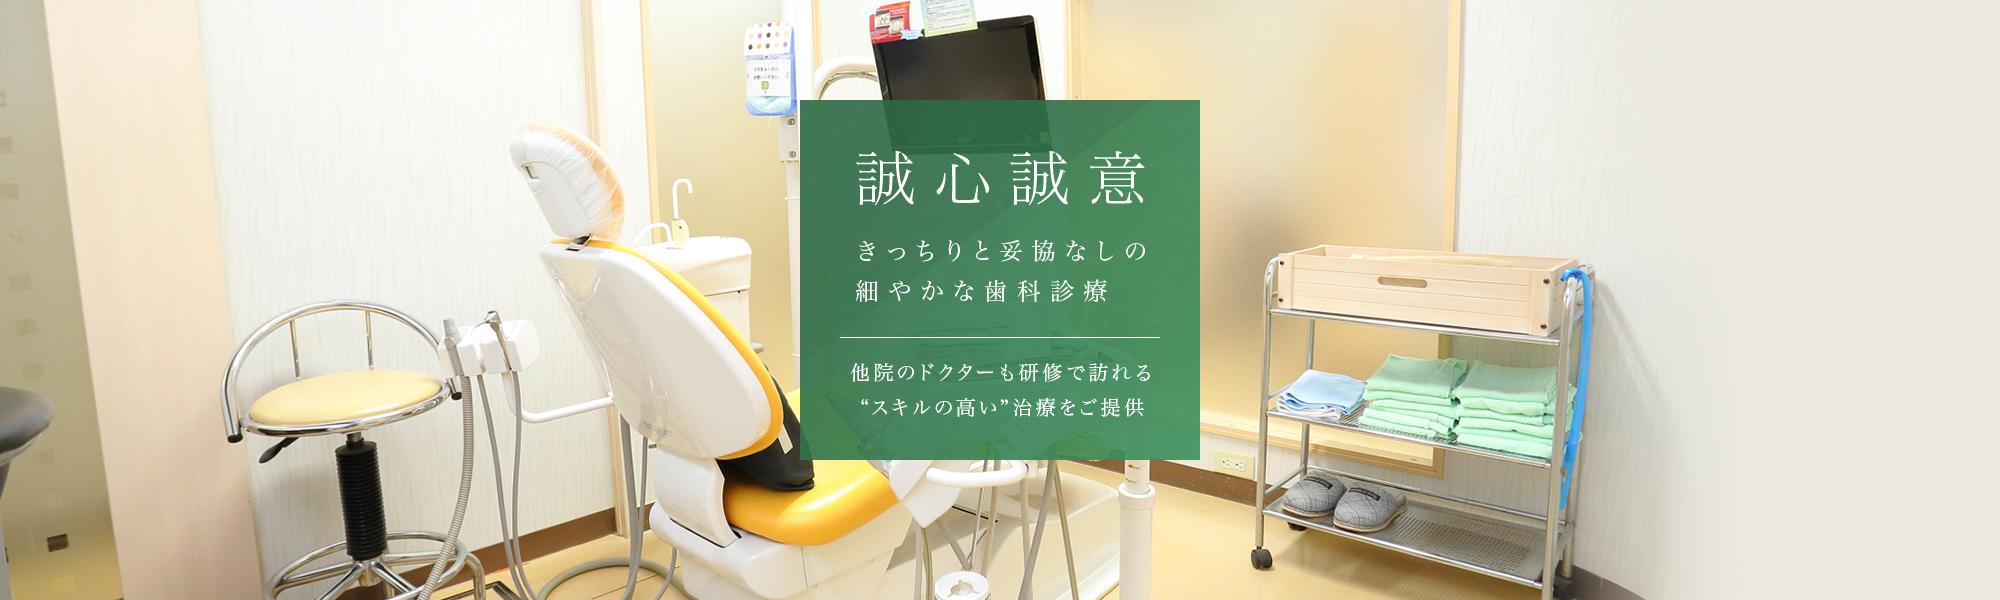 """誠心誠意きっちりと妥協なしの細やかな歯科診療 他院のドクターも研修で訪れる""""スキルの高い""""治療をご提供"""